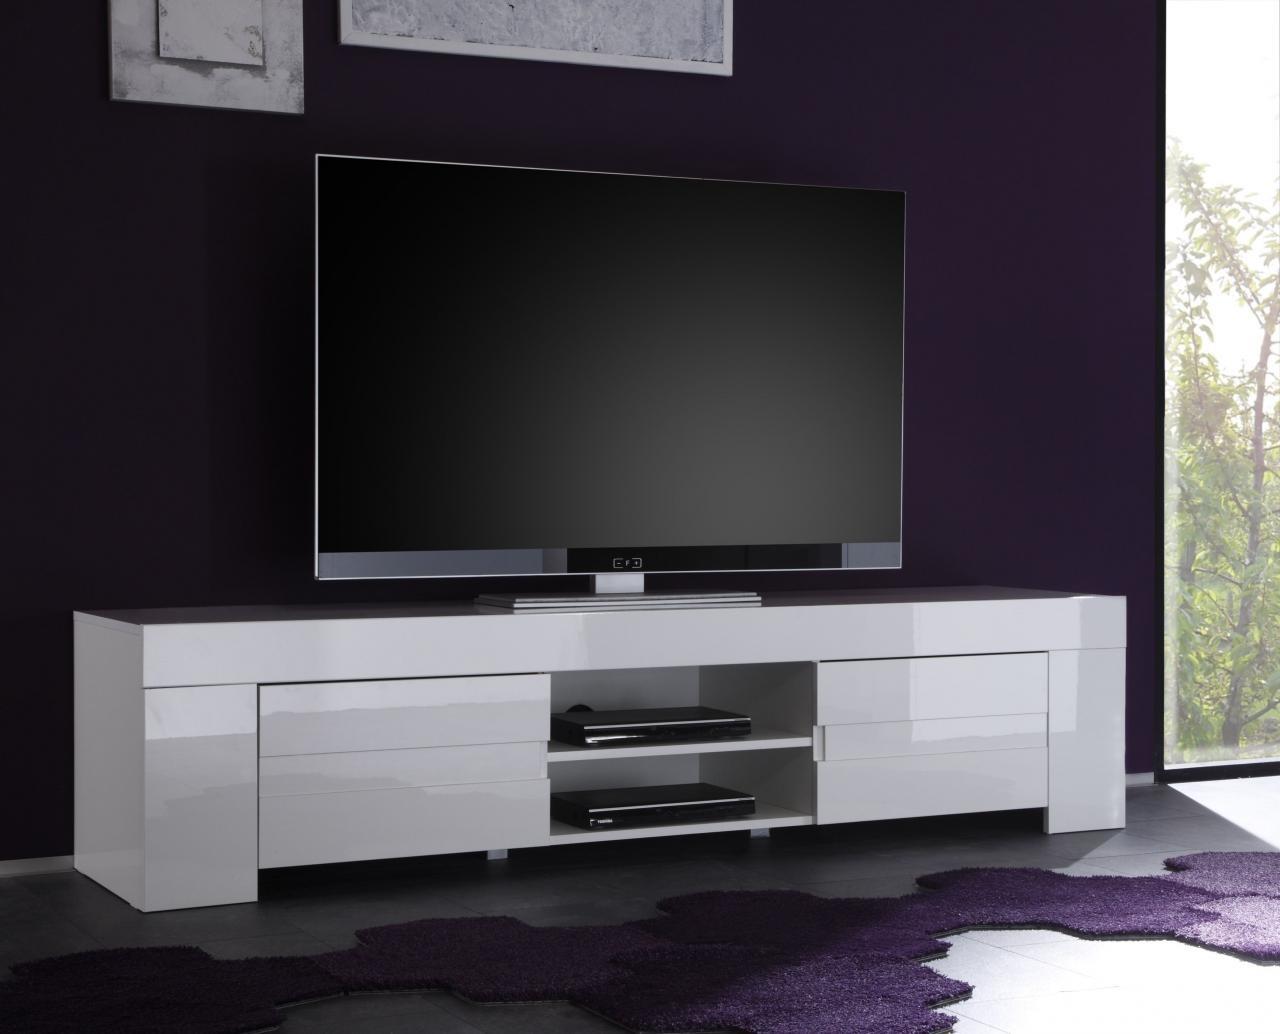 Meuble tv 2 metres maison et mobilier d 39 int rieur for Meuble tele 1m